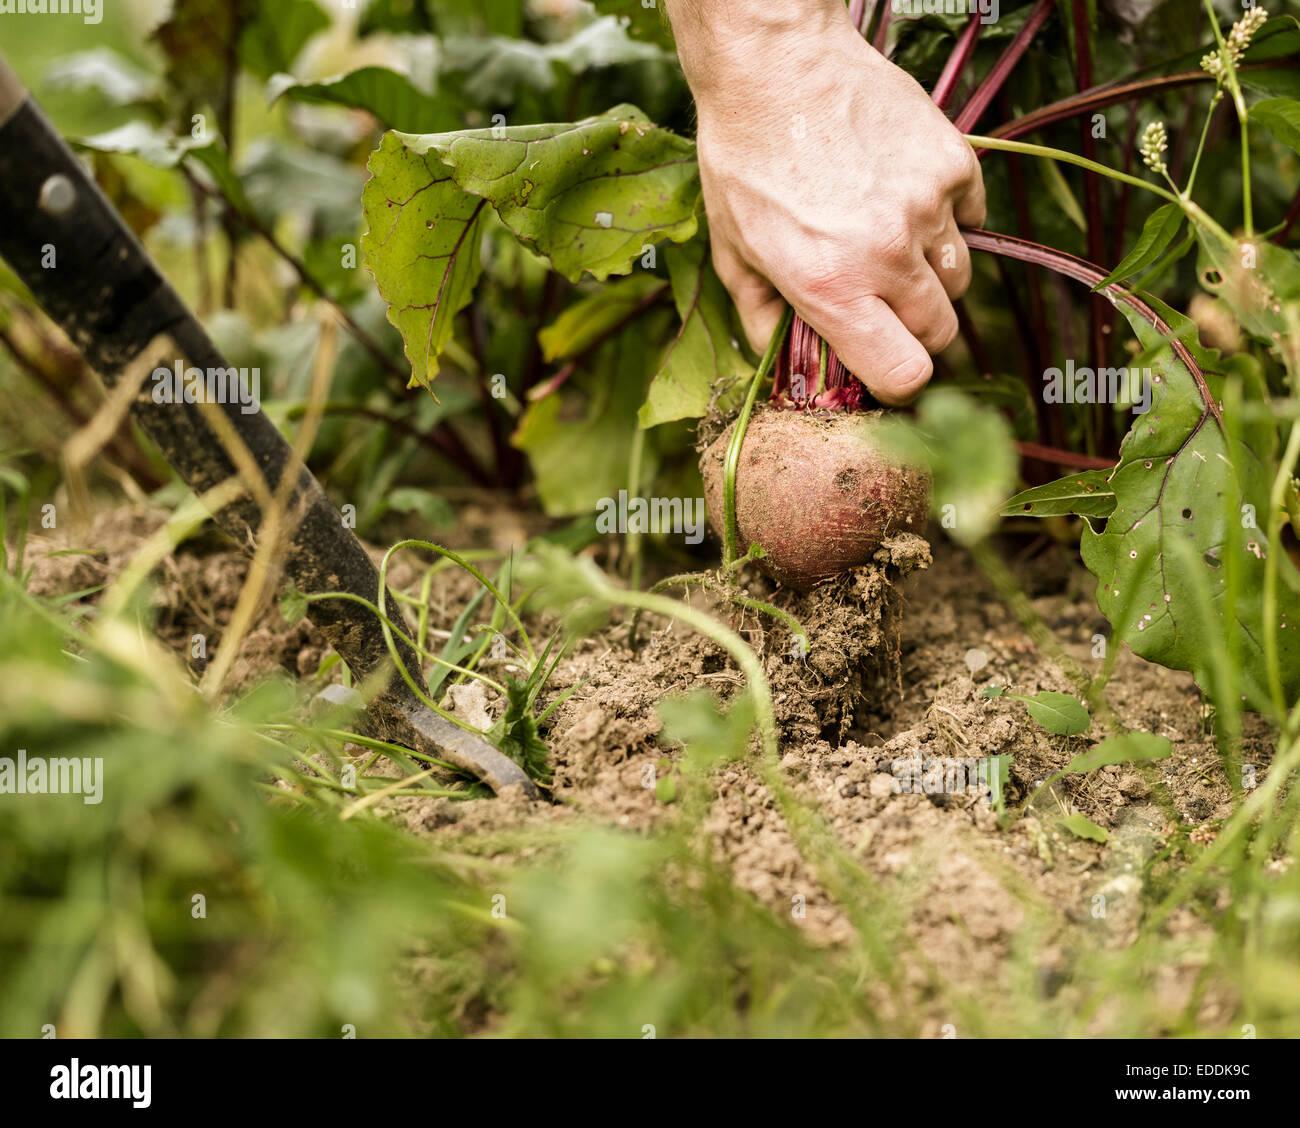 Mano sacando una remolacha planta desde el suelo. Imagen De Stock